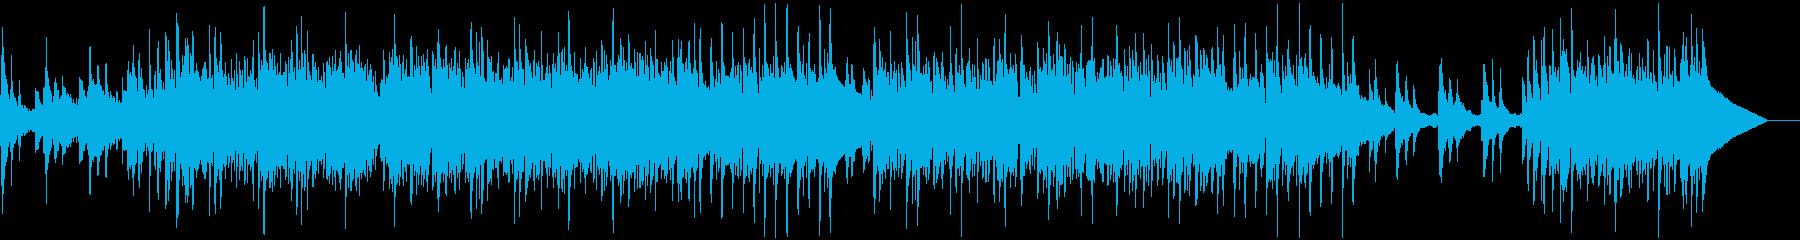 シンプルで美しいウクレレサウンドの再生済みの波形